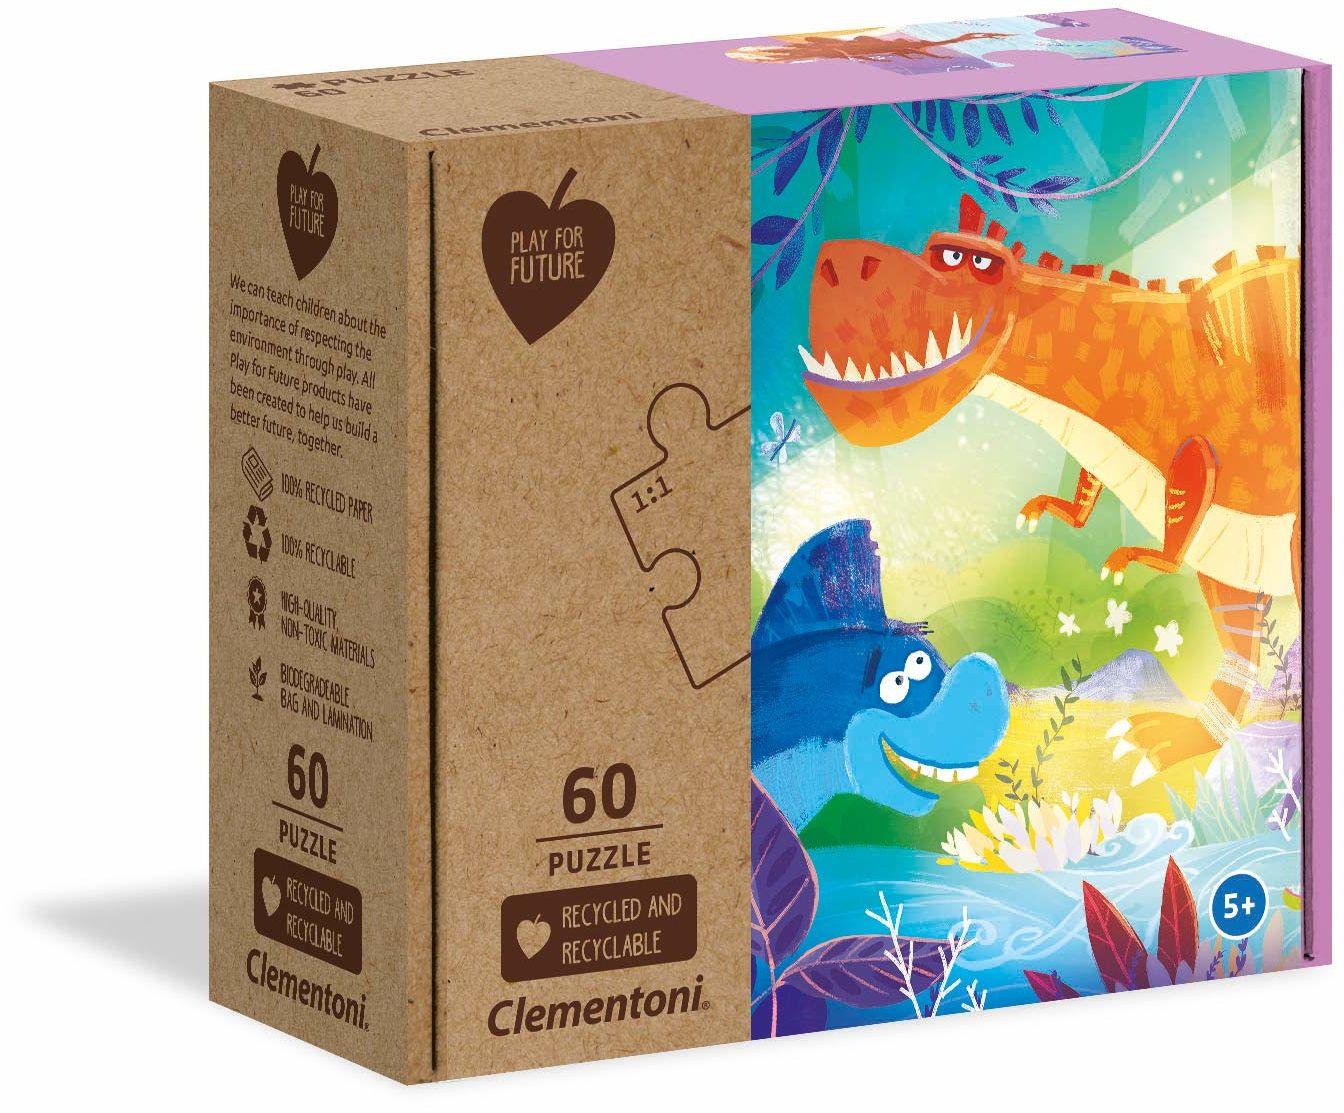 Clementoni 26998 dziwni przyjaciele - 60 sztuk - wyprodukowano we Włoszech - 100% materiały z recyklingu, puzzle dla dzieci